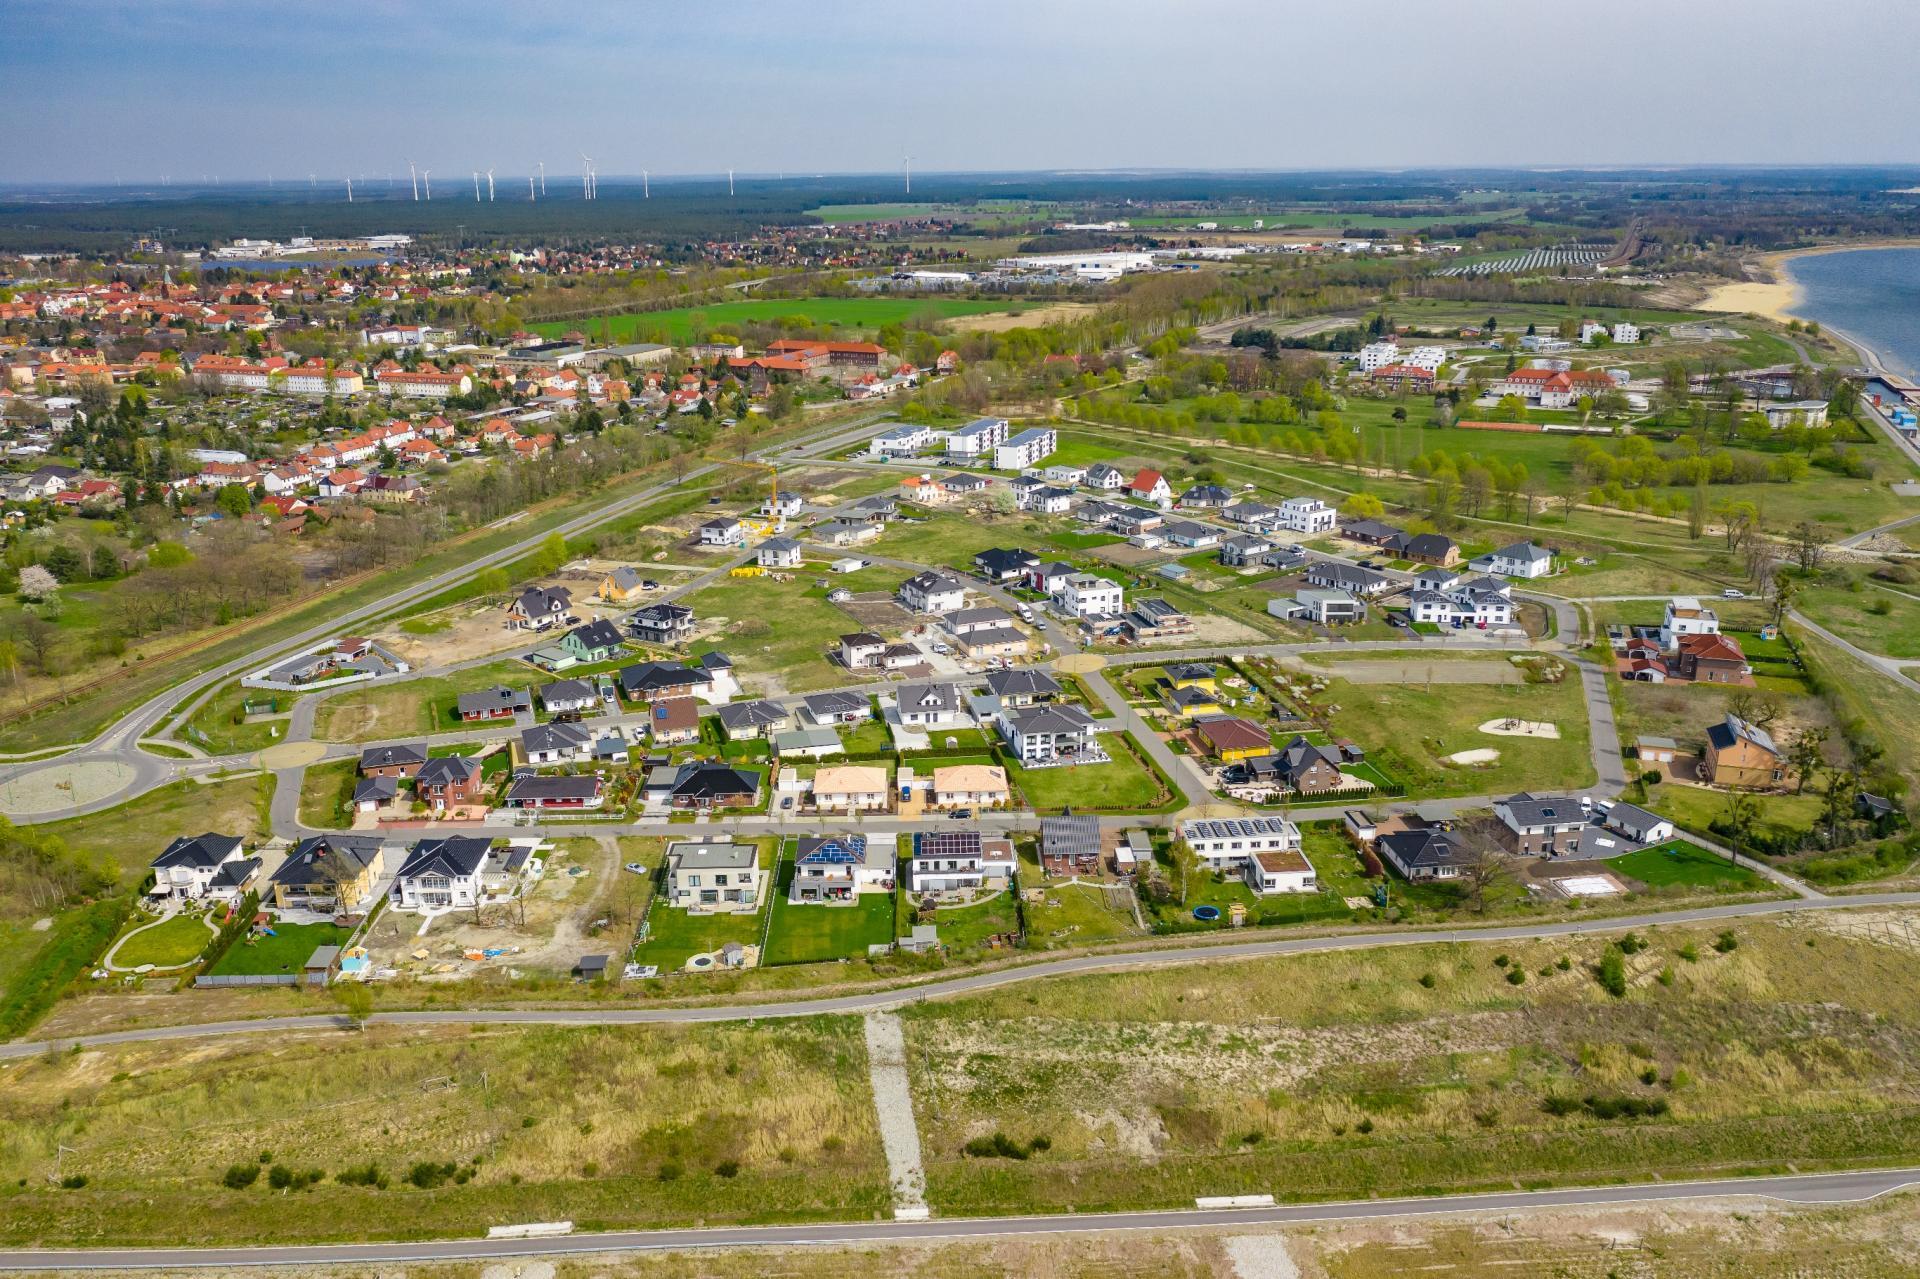 Wohnpark Alma Drohnenexpertise April 2020